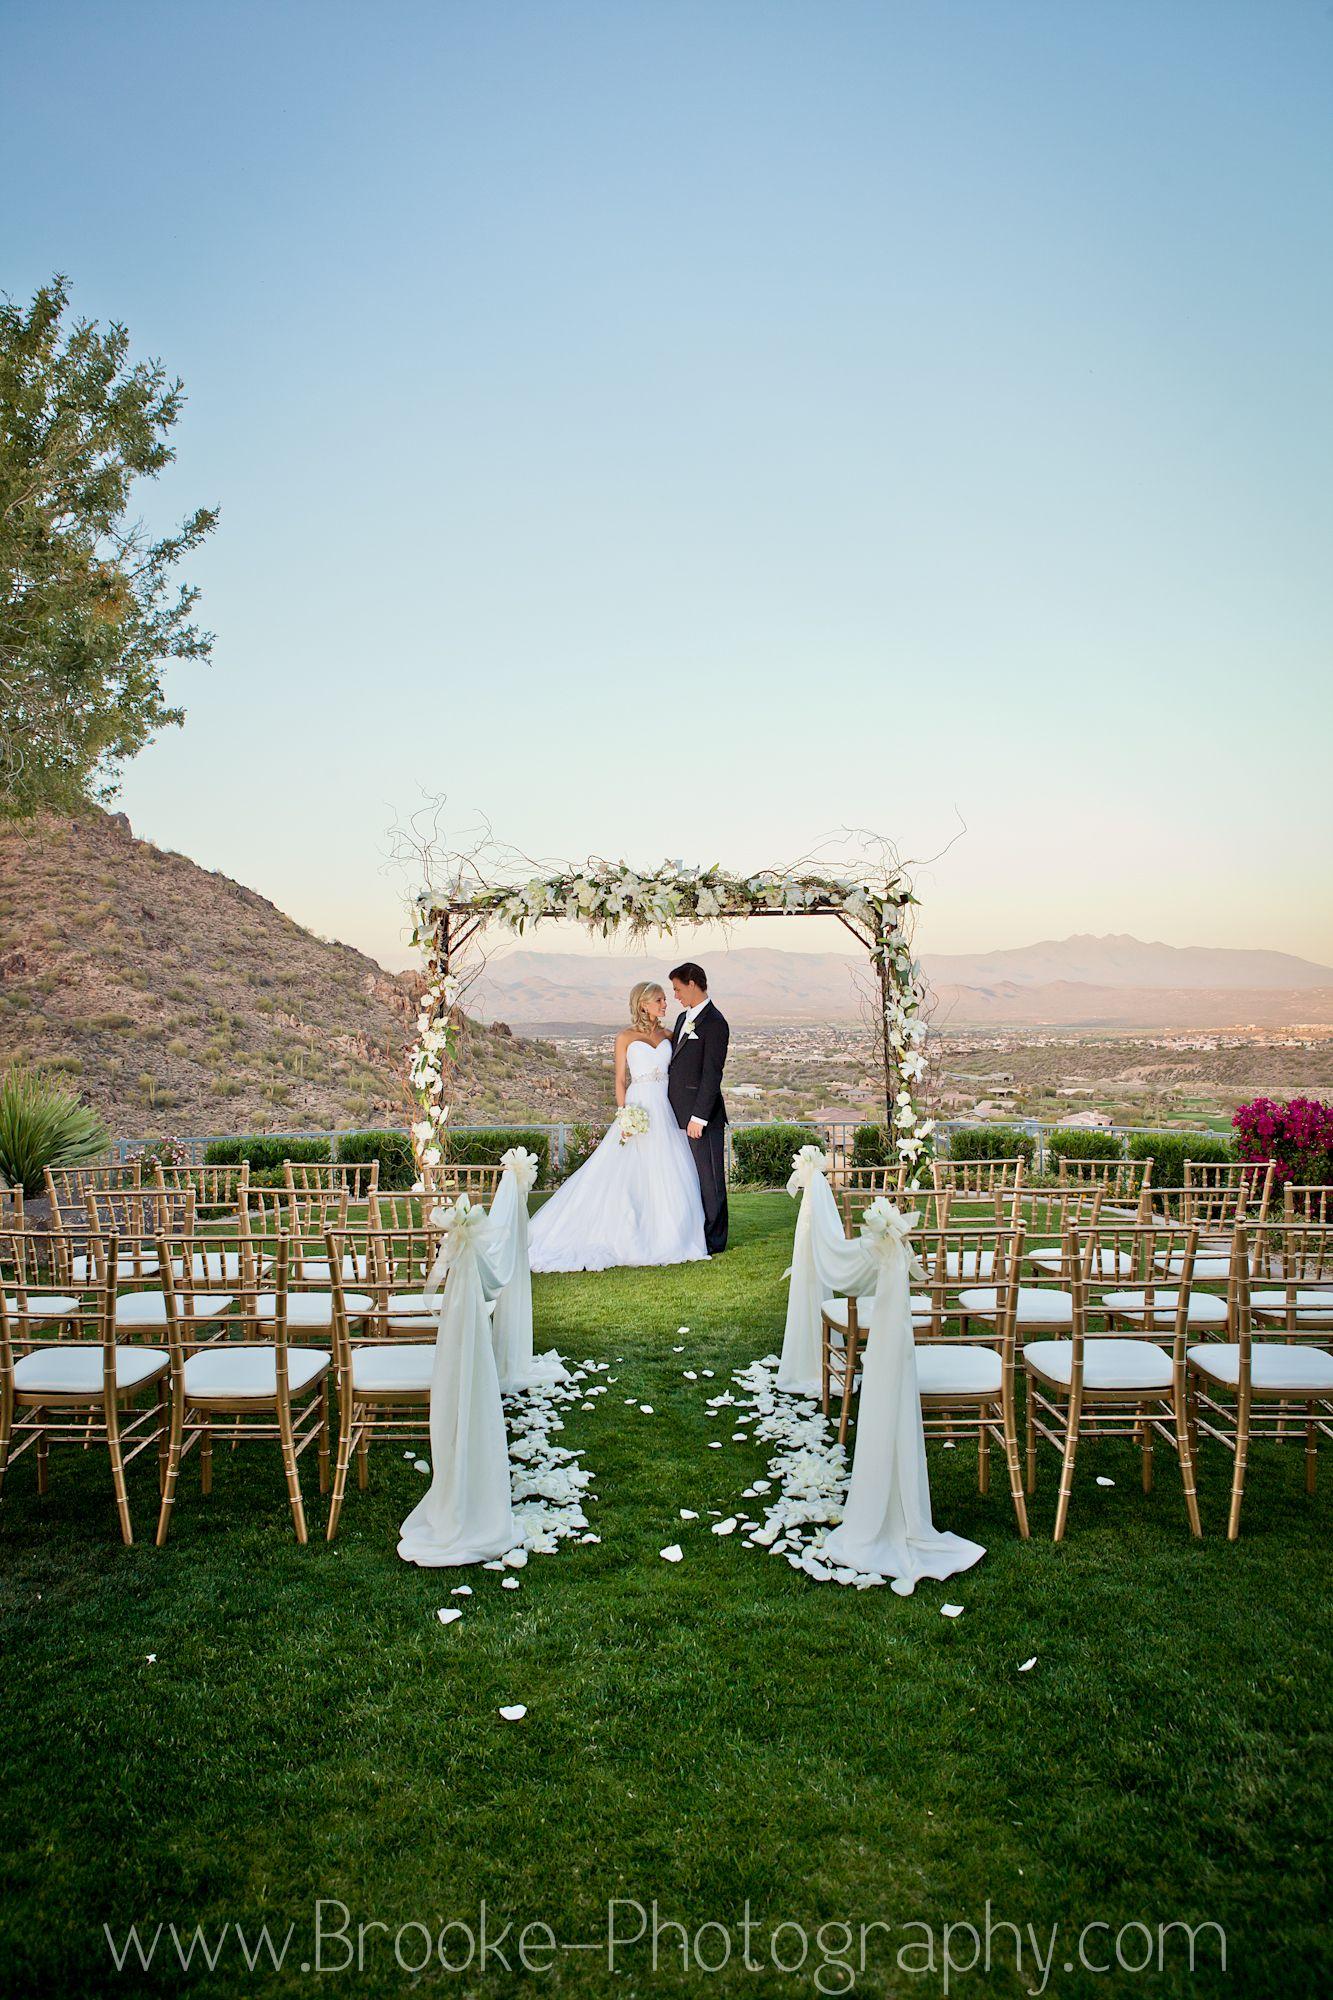 Wedding Unique Outdoor Venue